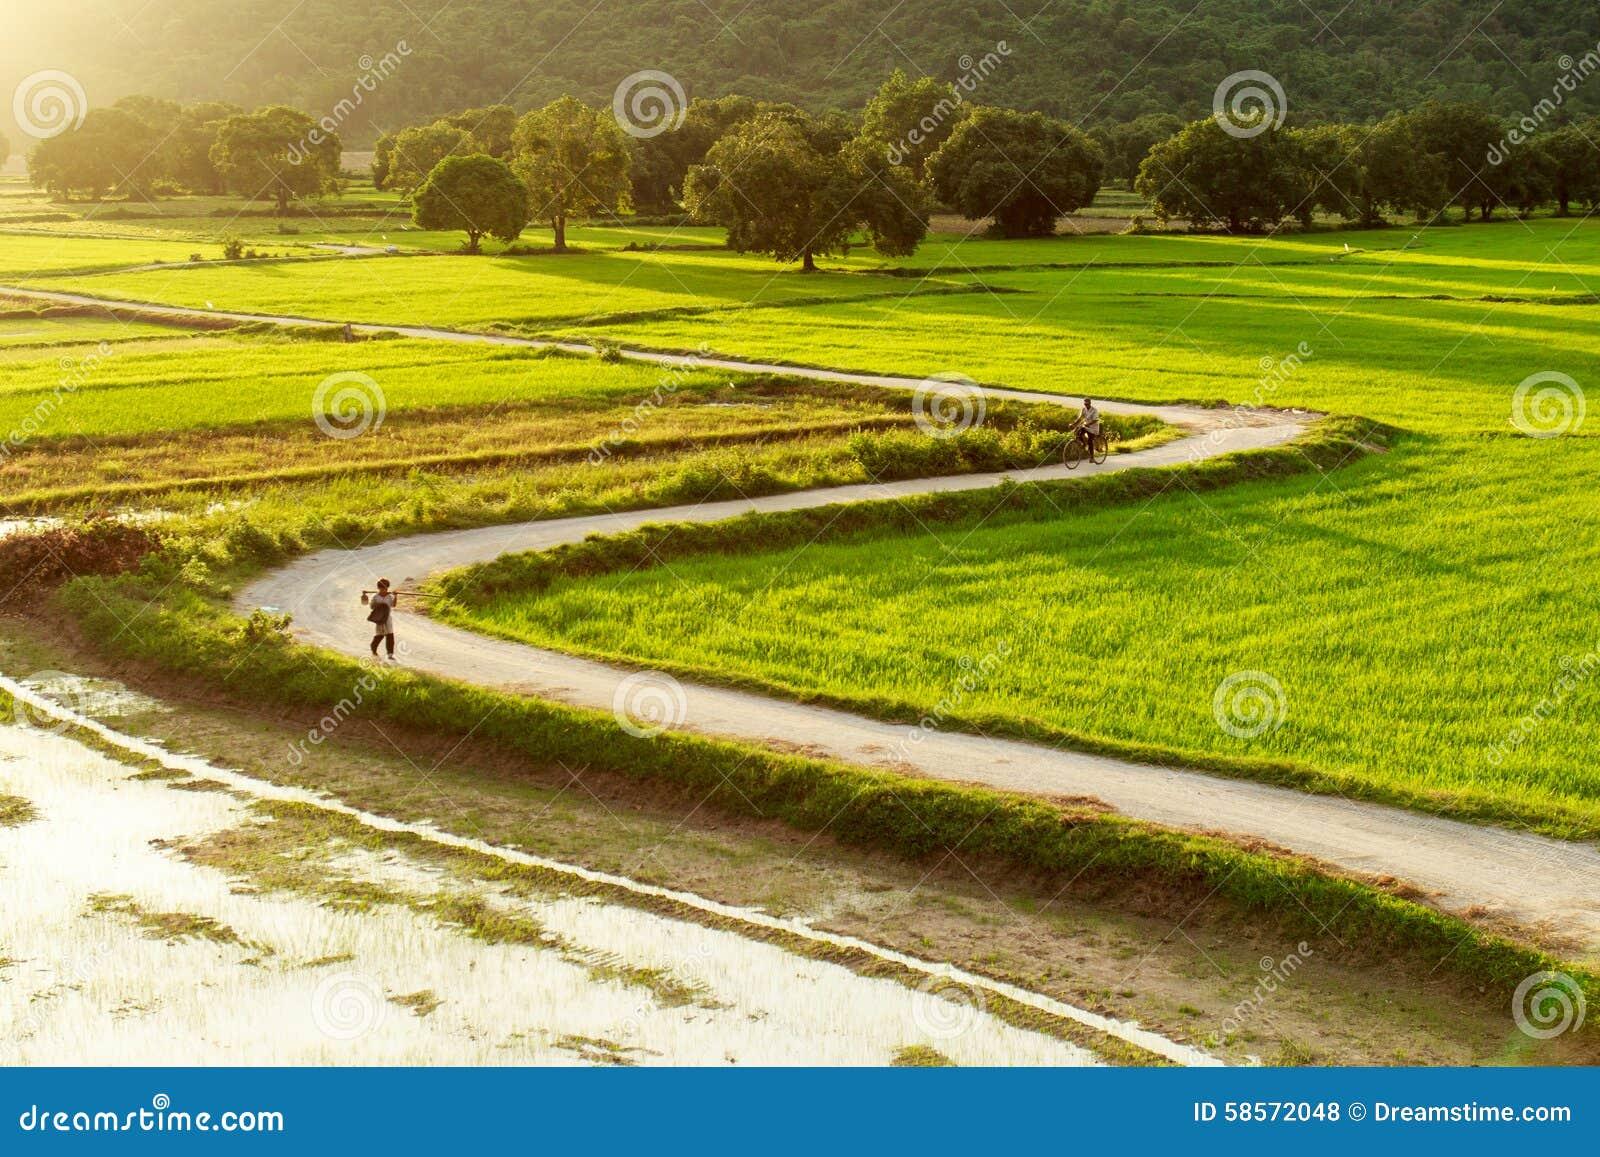 Ta-PA, An Giang, Vietnam